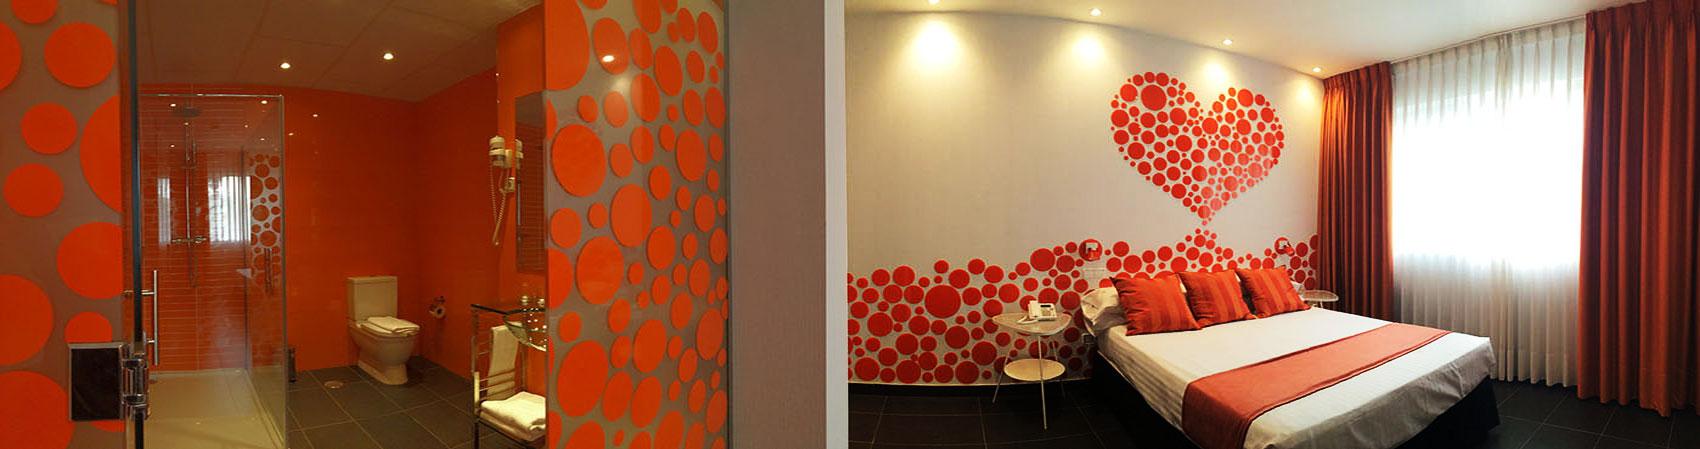 Habitación del Hotel Indiana en Pinto